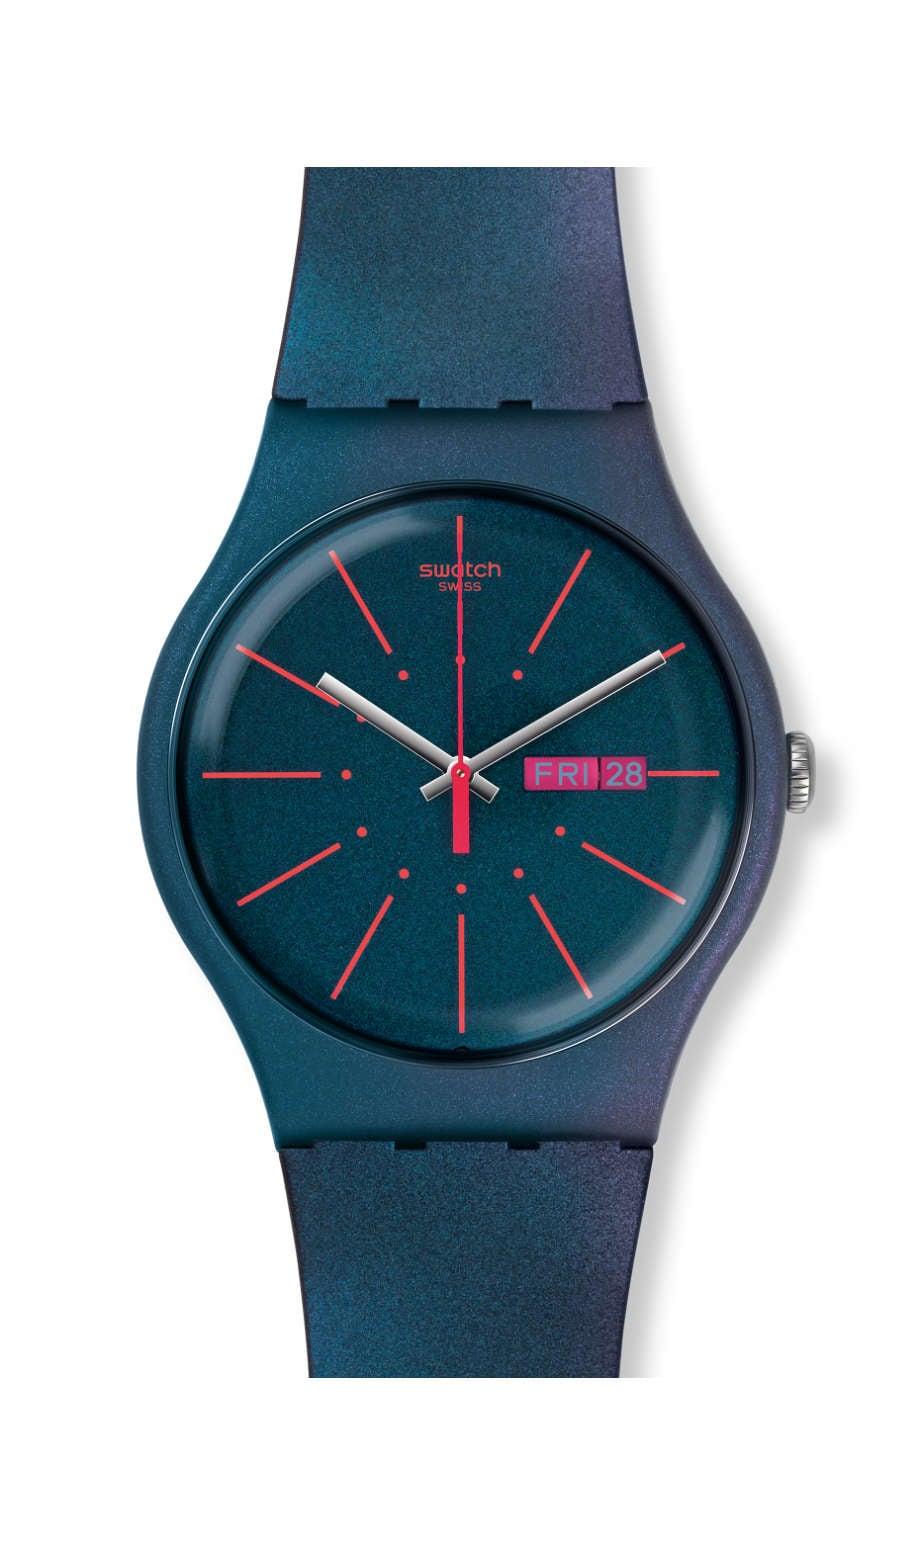 Swatch - NEW GENTLEMAN - 1